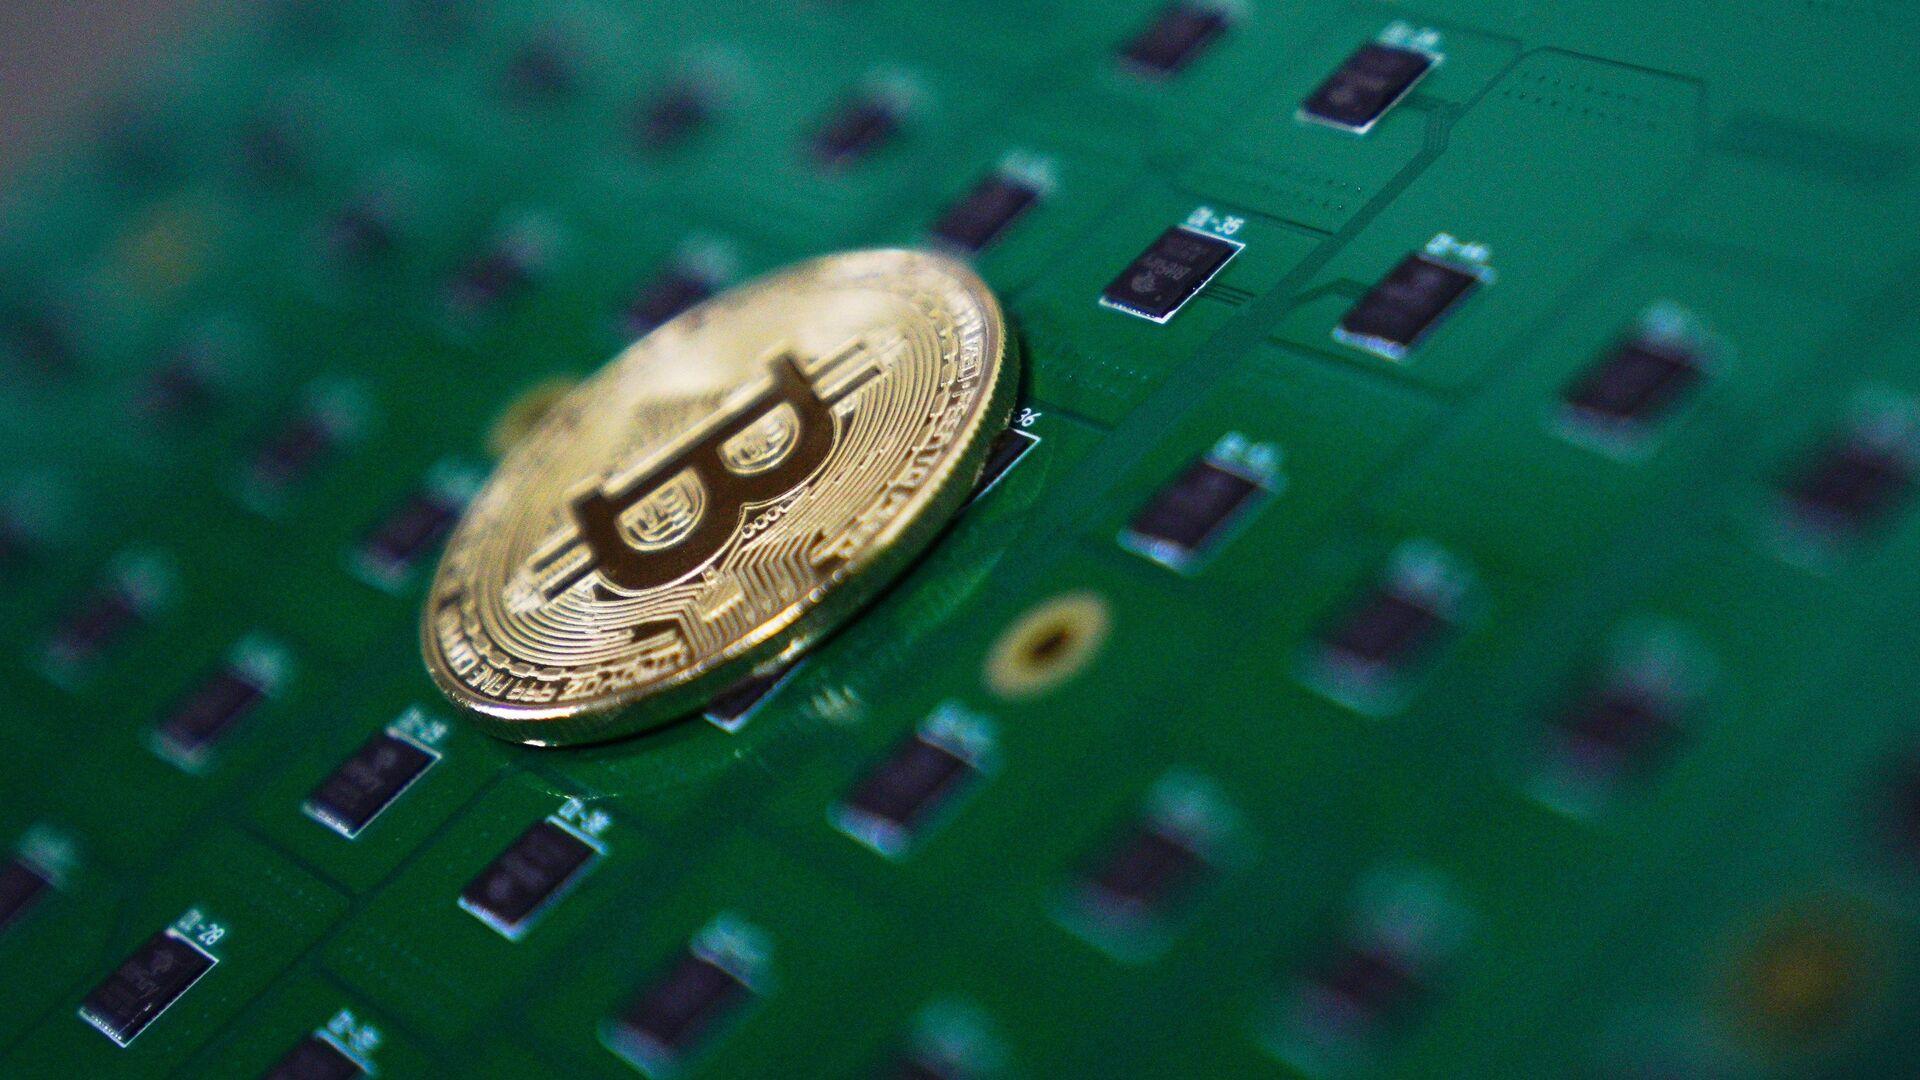 Эксперт предсказал курс биткоина в сто тысяч долларов